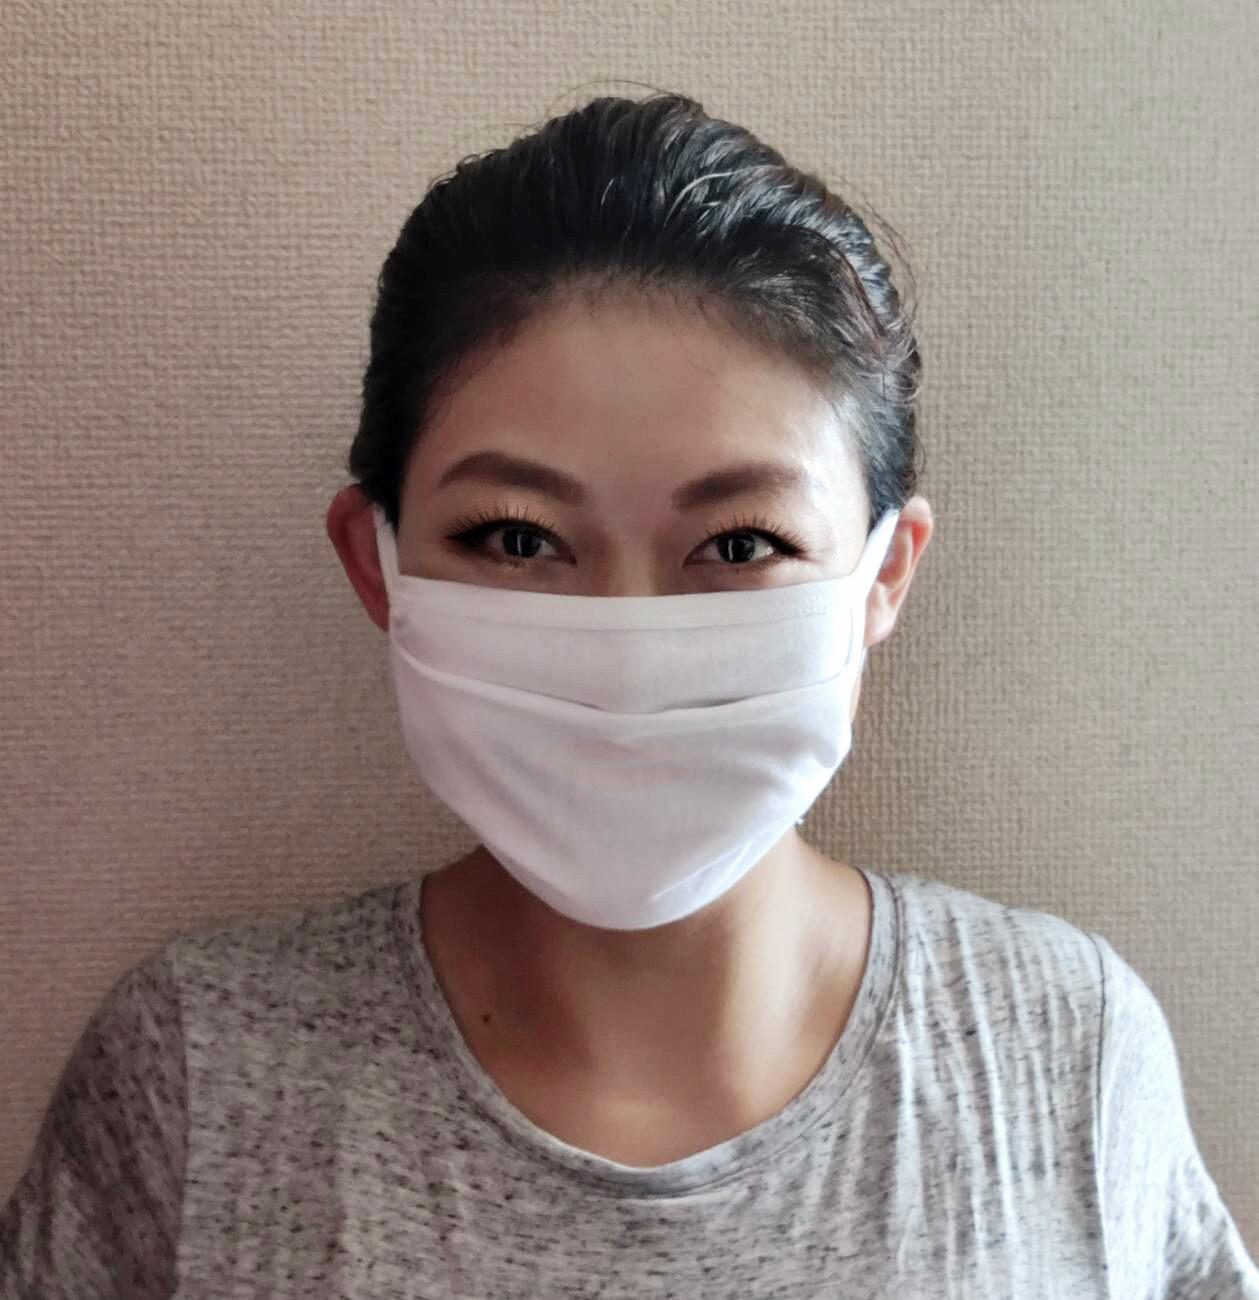 当SHOPの洗えるマスクがAmazon's Choiceに認定&新色のホワイトが入荷しました!